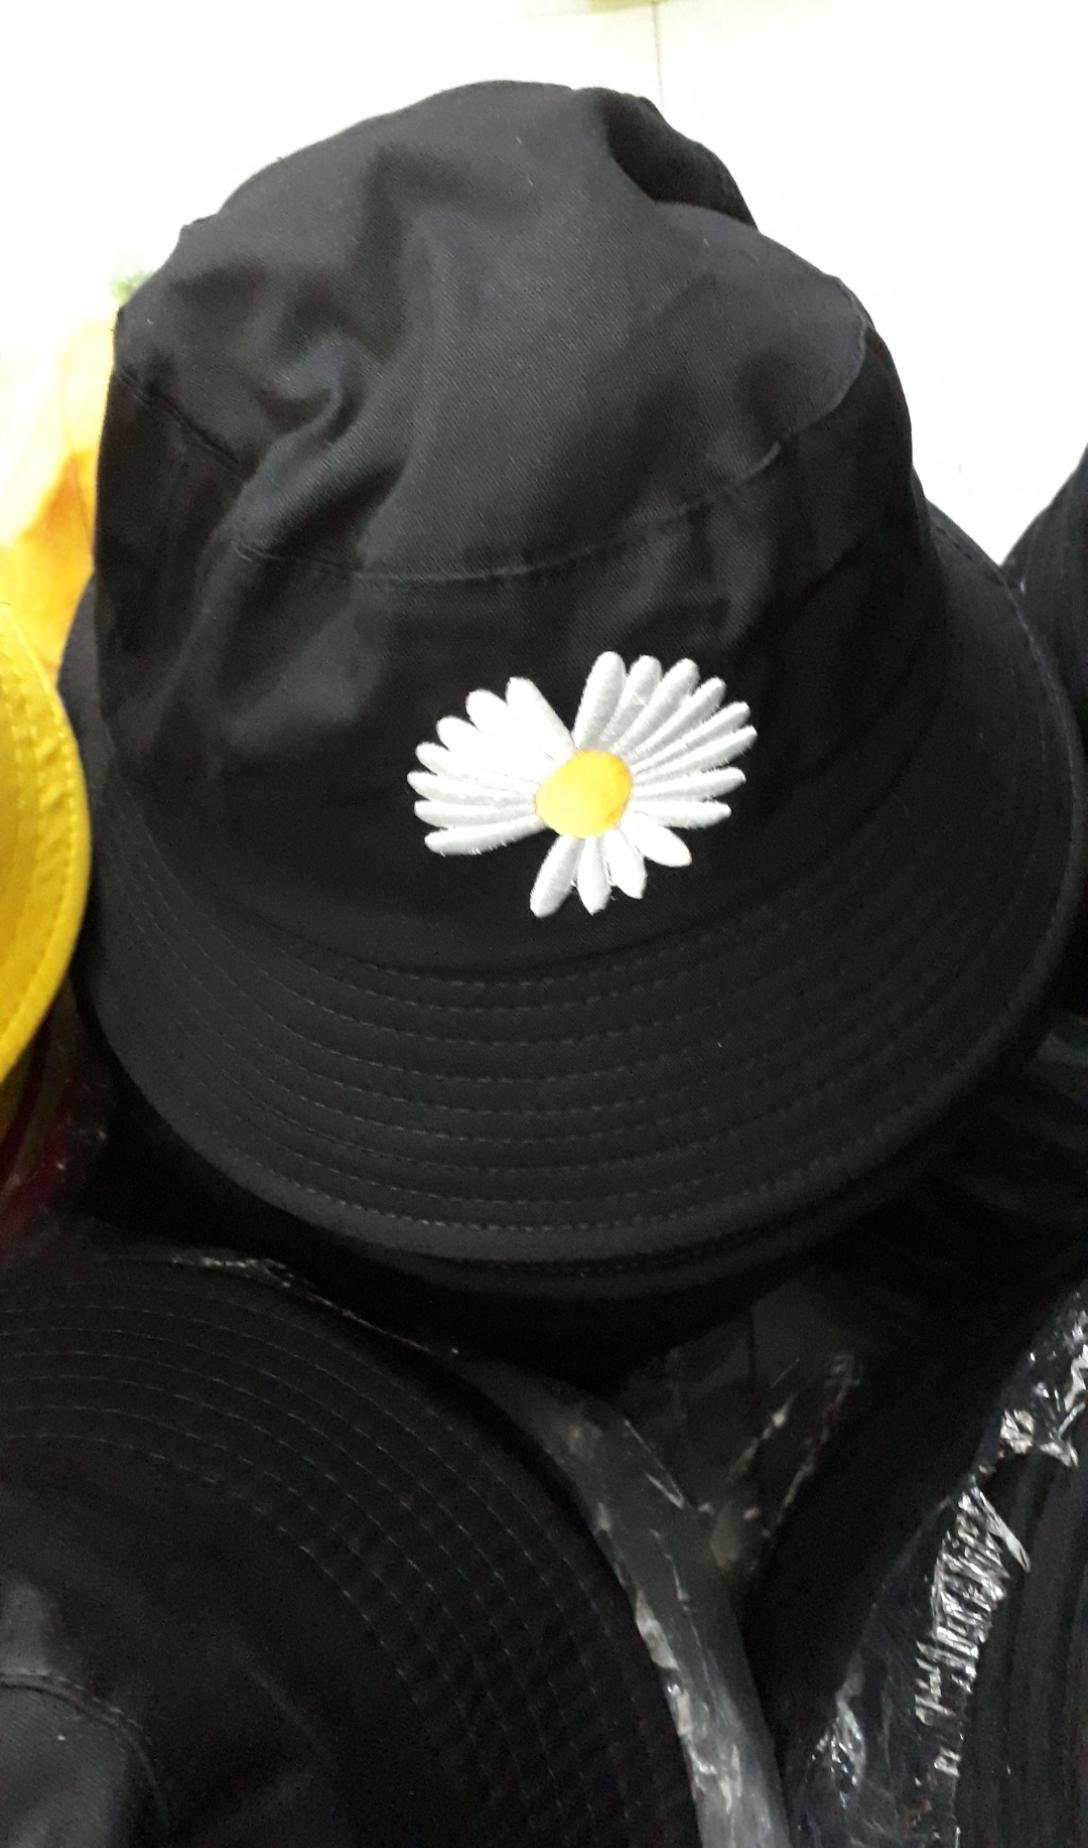 Xưởng may Nón chống dịch thiết kế nón chống dịch theo yêu cầu style, chất riêng